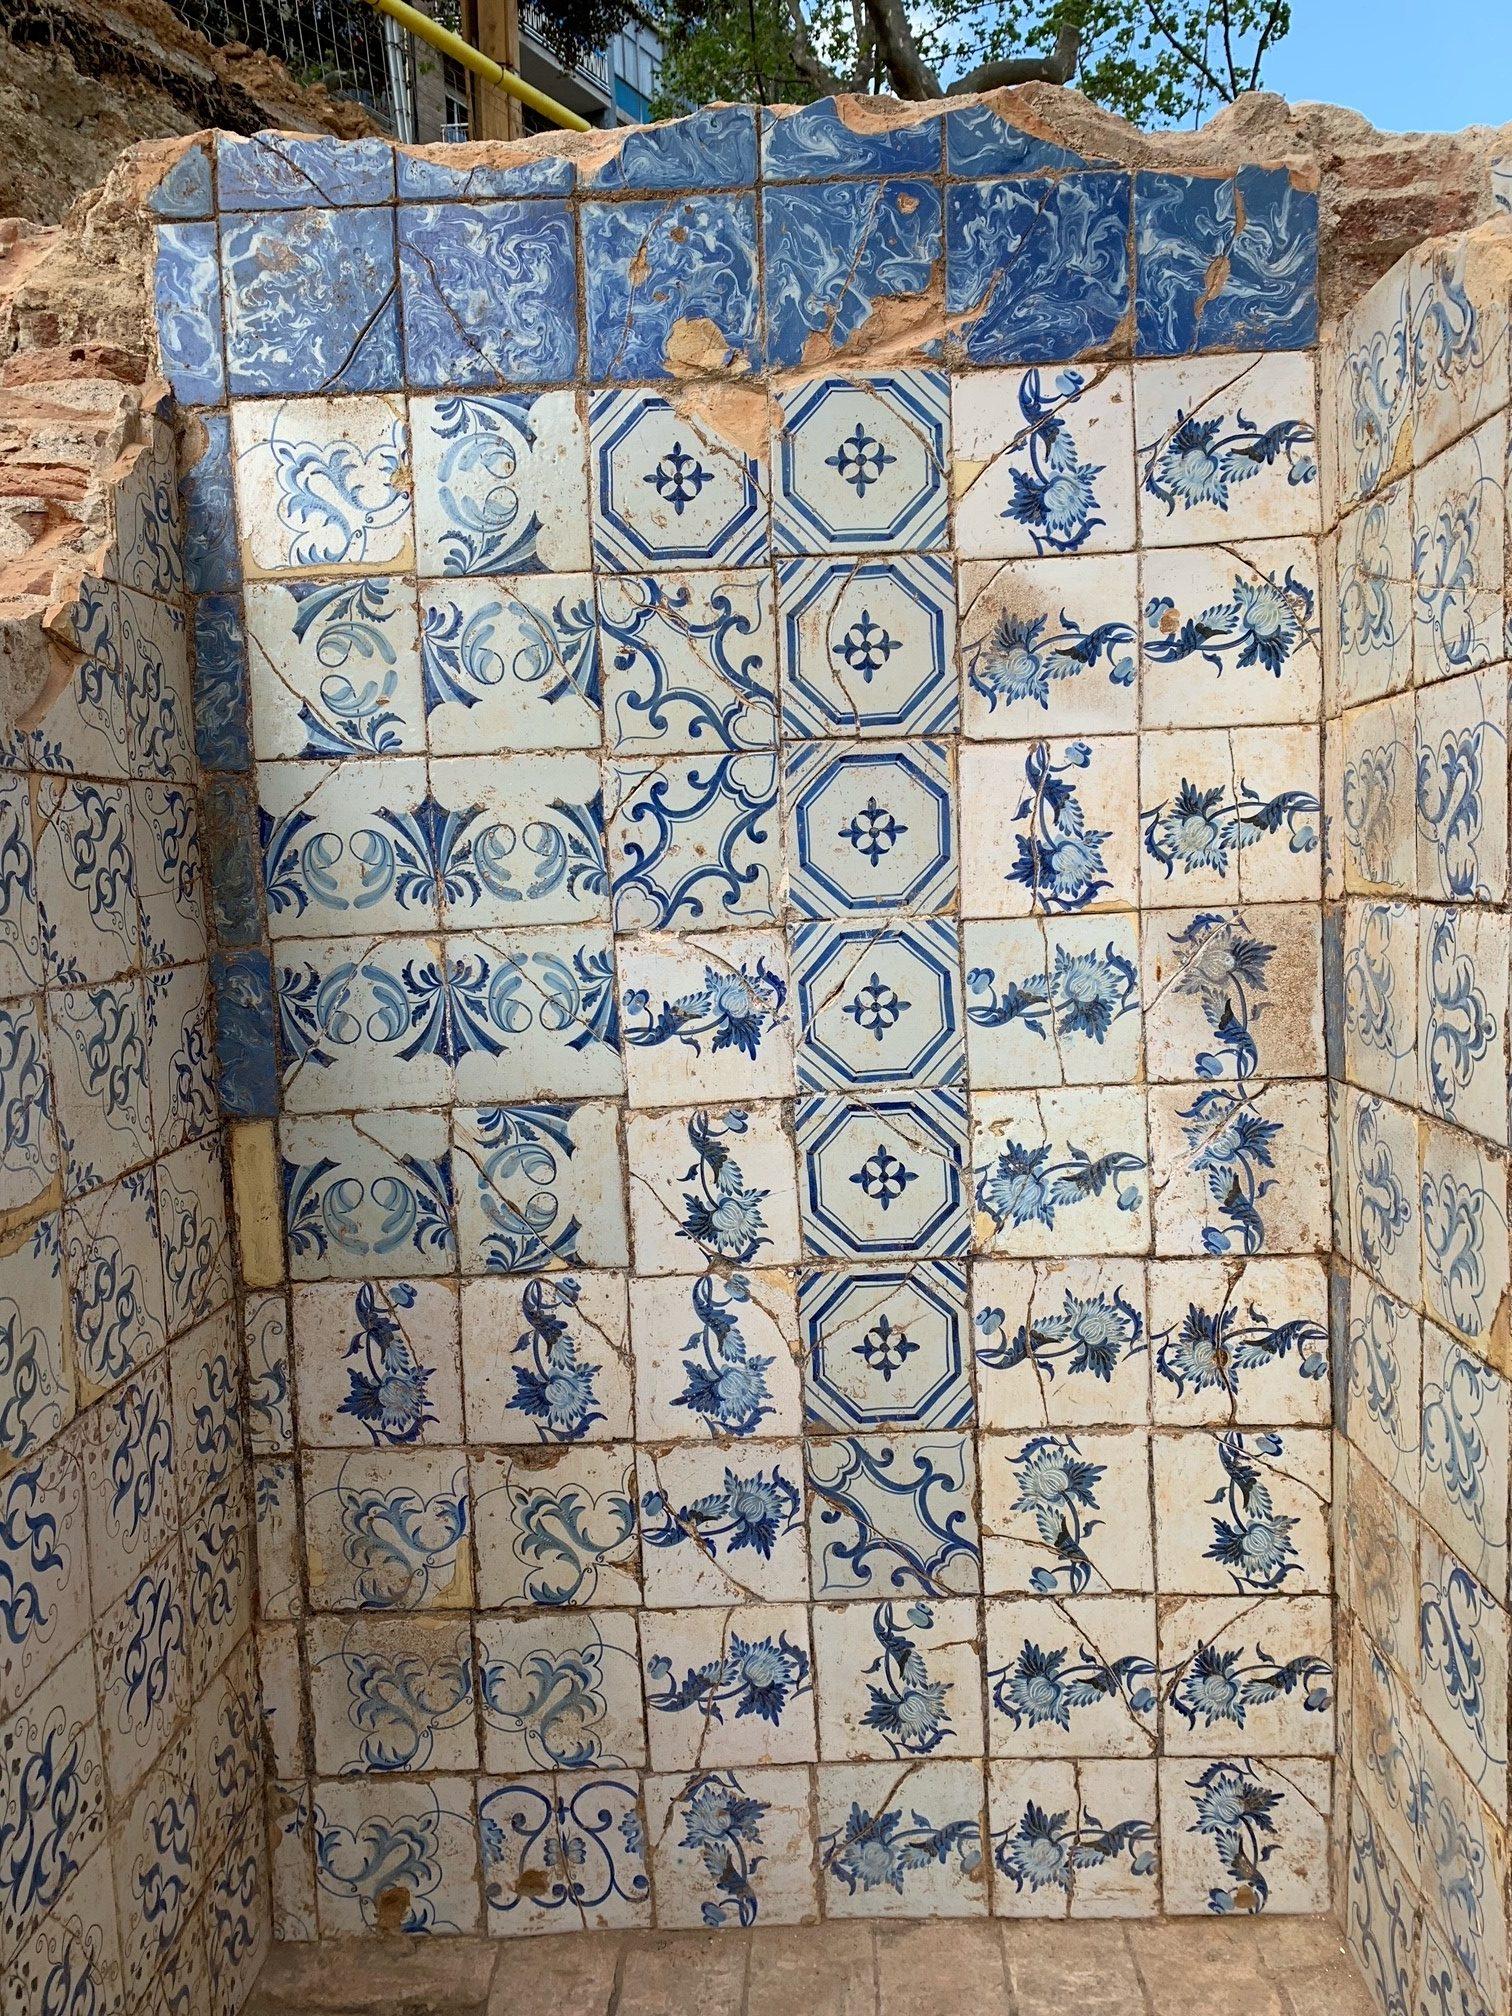 Detall de les rajoles decorades amb motius florals i geomètrics d'un dels dipòsits (Fotografia: Miriam Esqué)